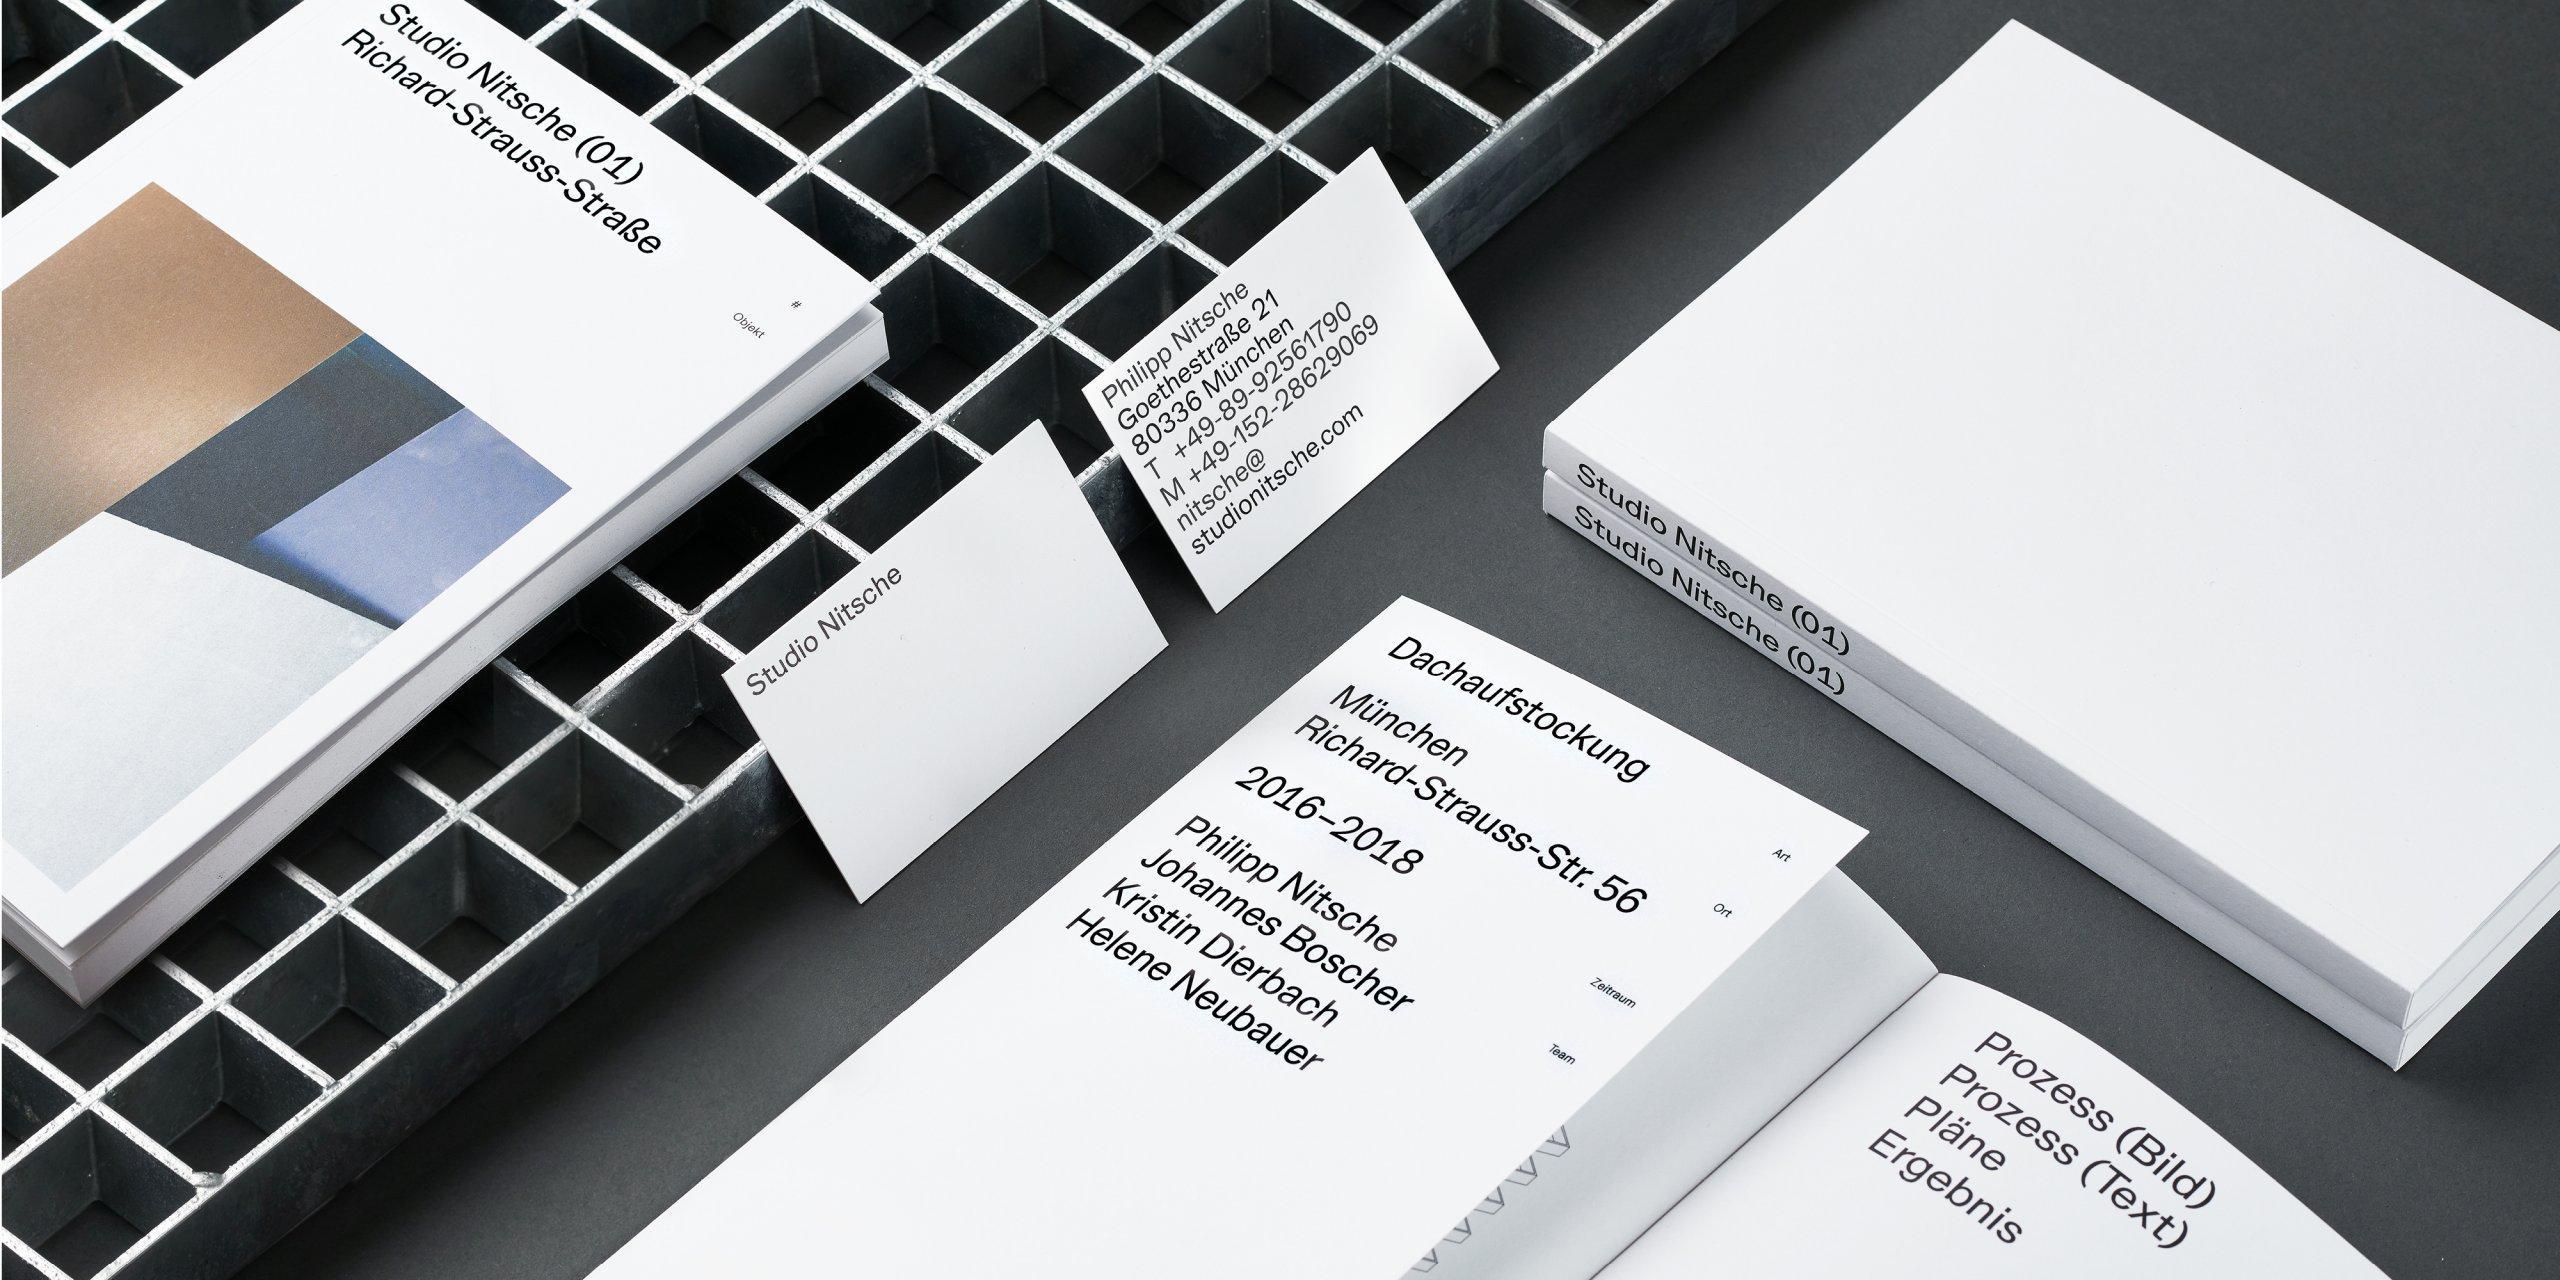 PARAT.cc - Studio Nitsche